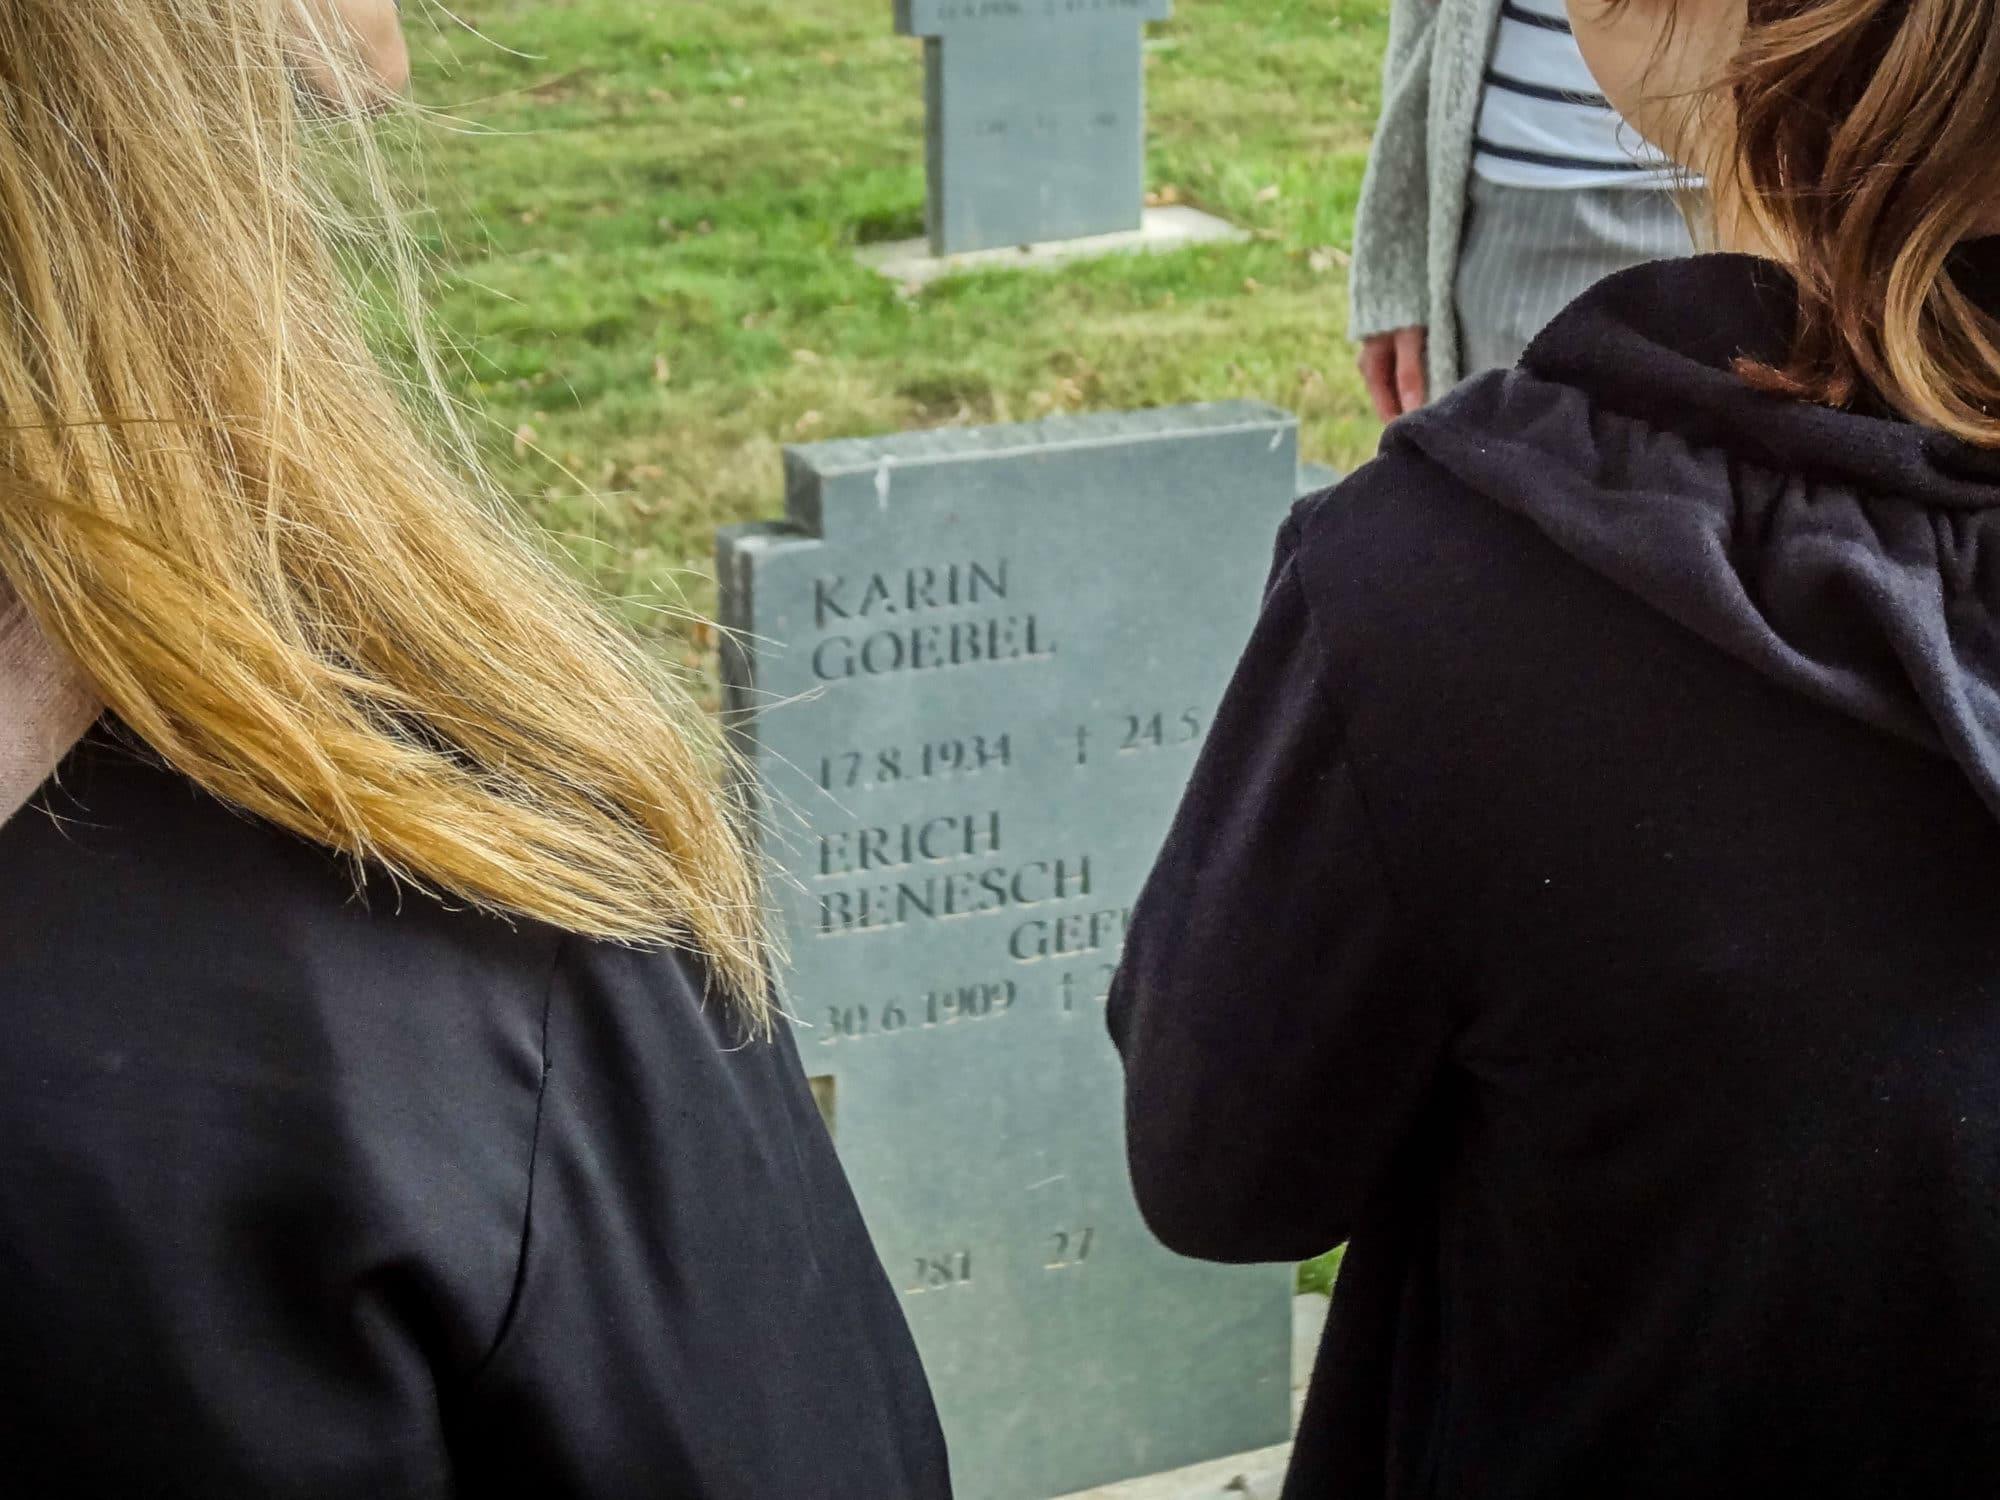 Karin Goebel, tuée par un bombardement à l'âge de 9 ans est enterrée sur le cimetière militaire à la demande de ses proches. (Photo : Fabien Nouvène)